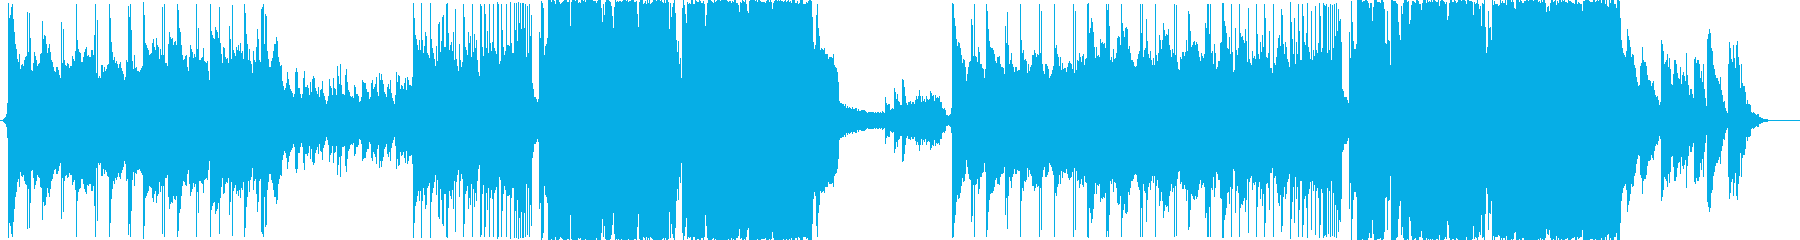 冷たい感じのエピックEDM調BGMの再生済みの波形